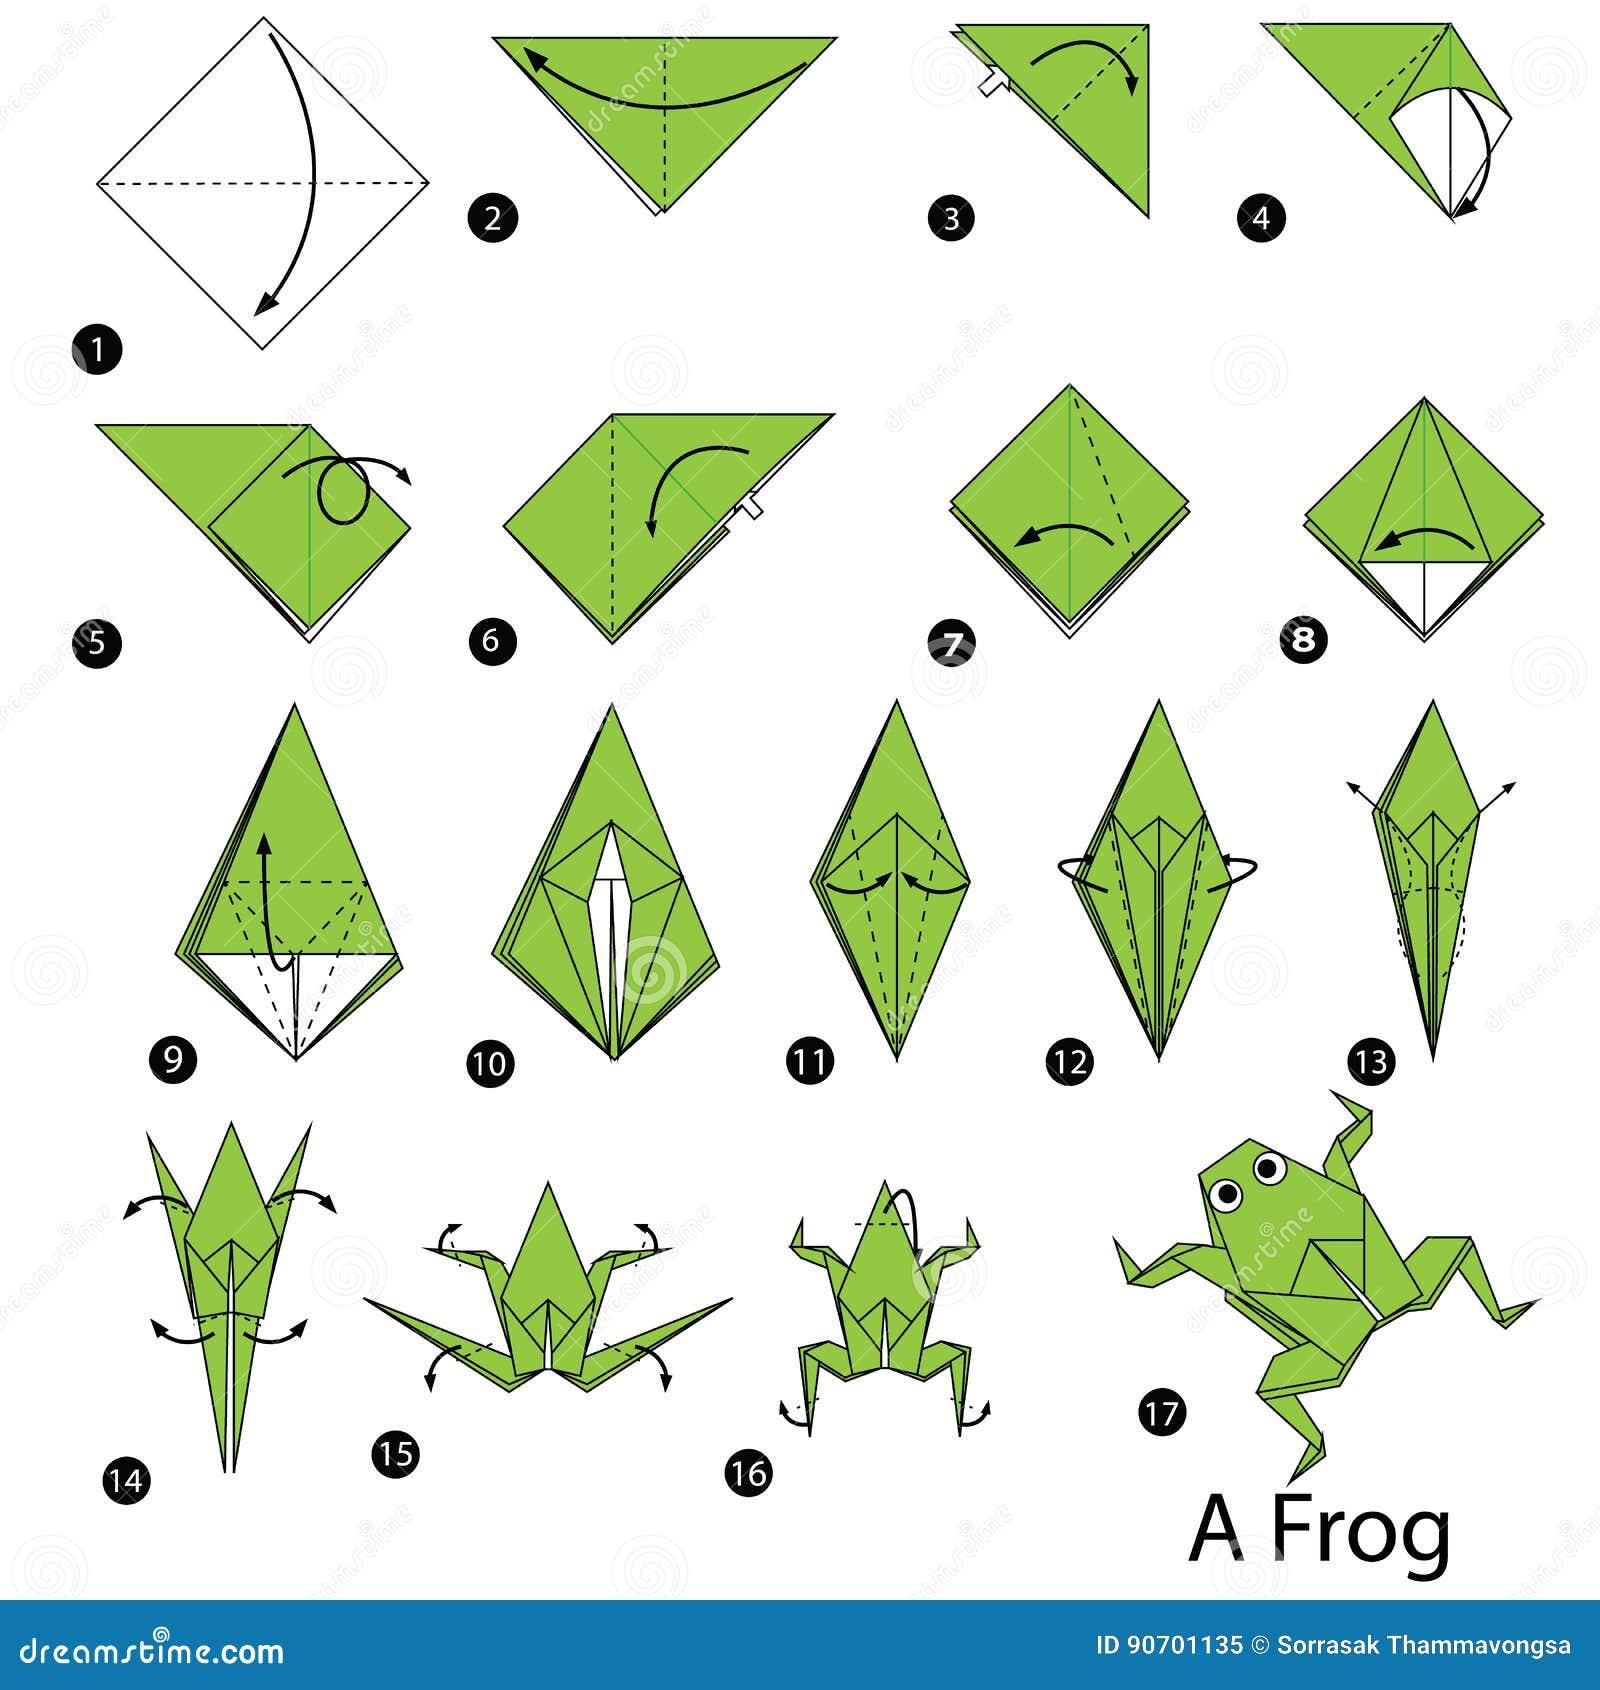 Krok po kroku instrukcje dlaczego robi origami aby - Origami facile grenouille ...